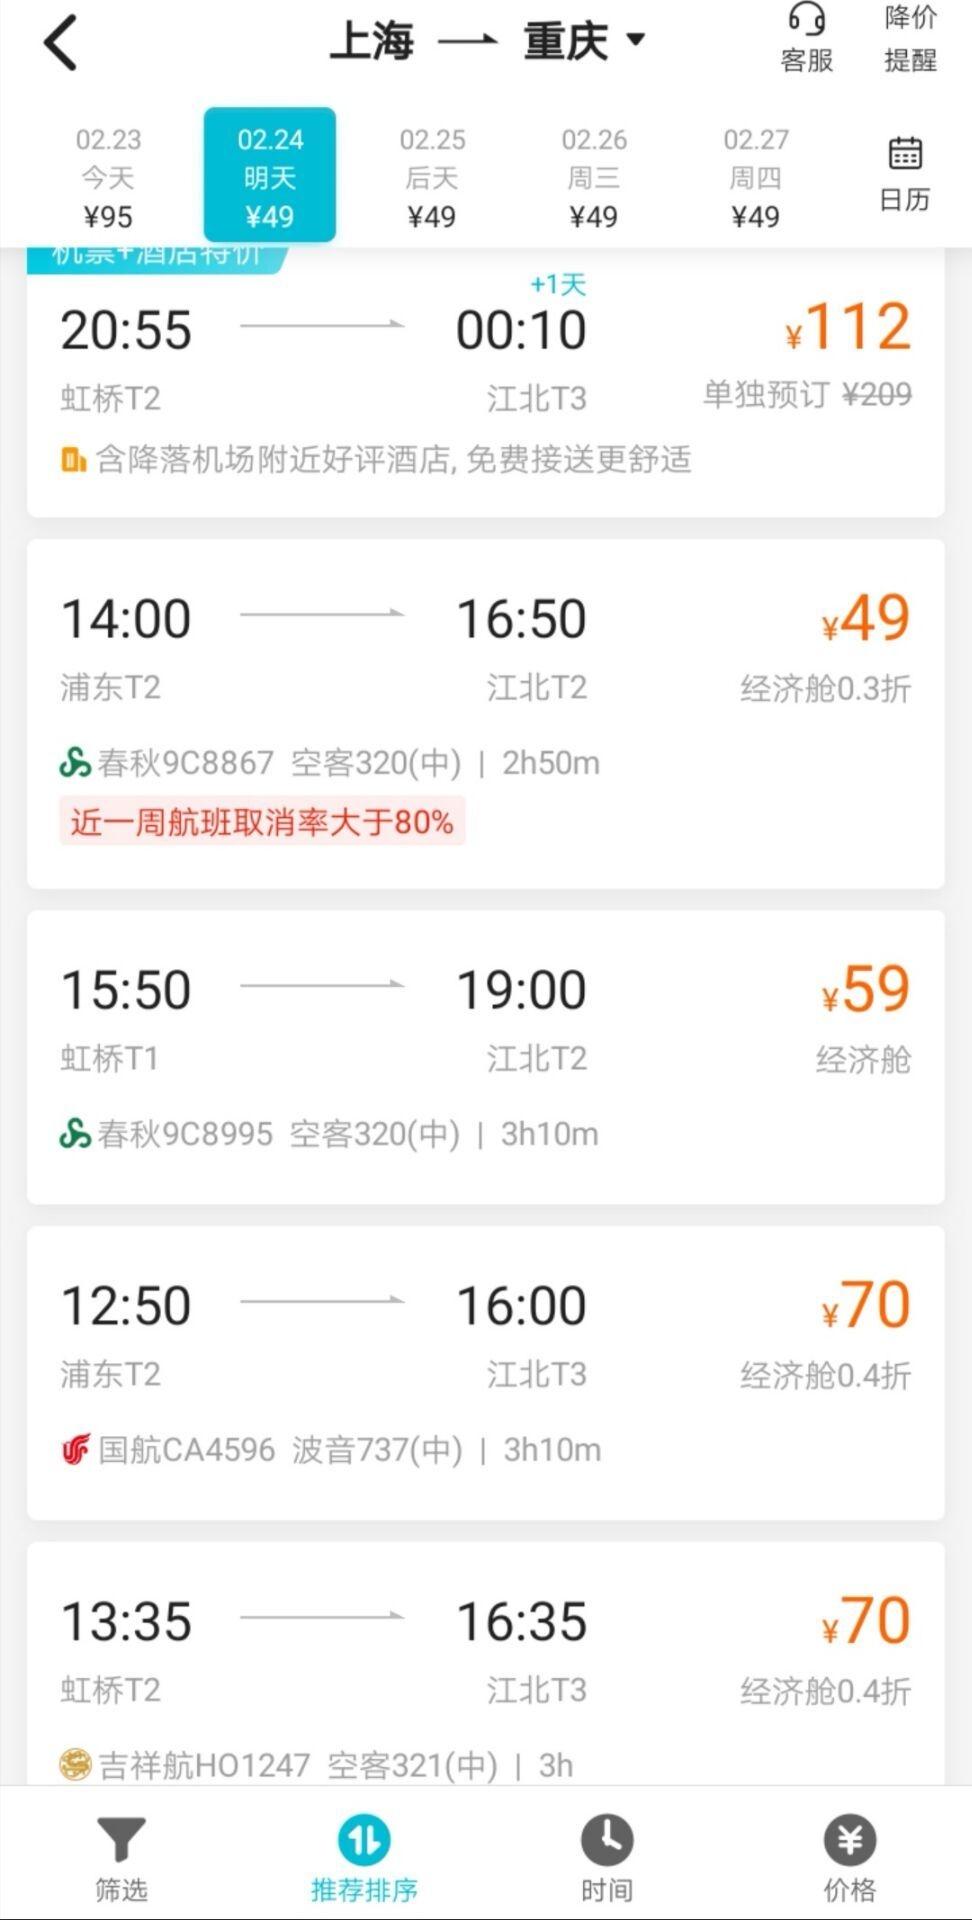 2月24日上海至重庆的特价机票图片来源:去哪儿旅行App截图